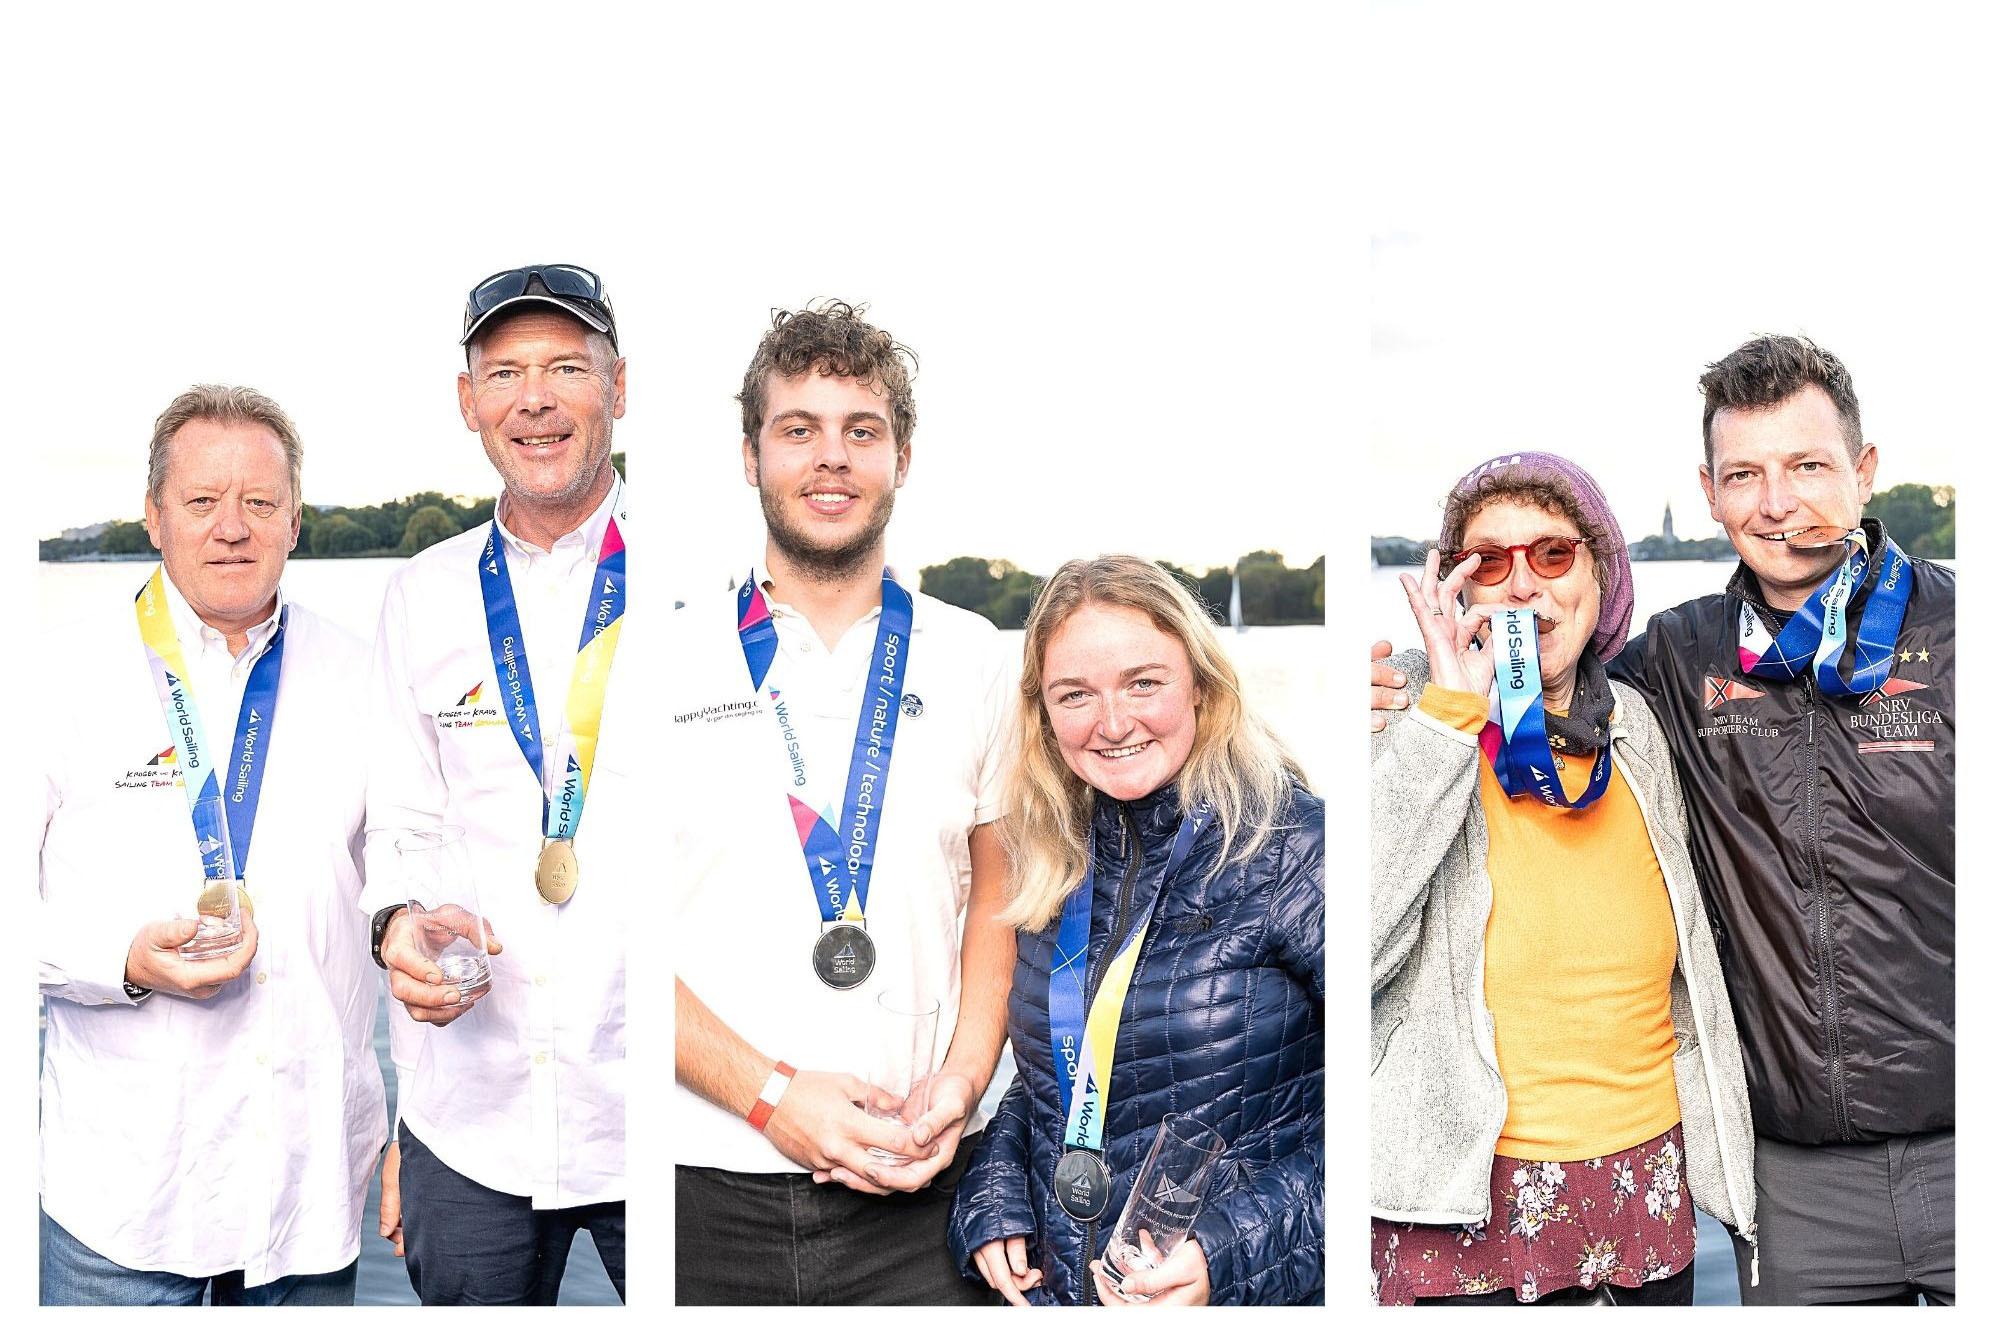 Heiko Kröger und Clemens Kraus werden die ersten Weltmeister im inklusiven Segelsport